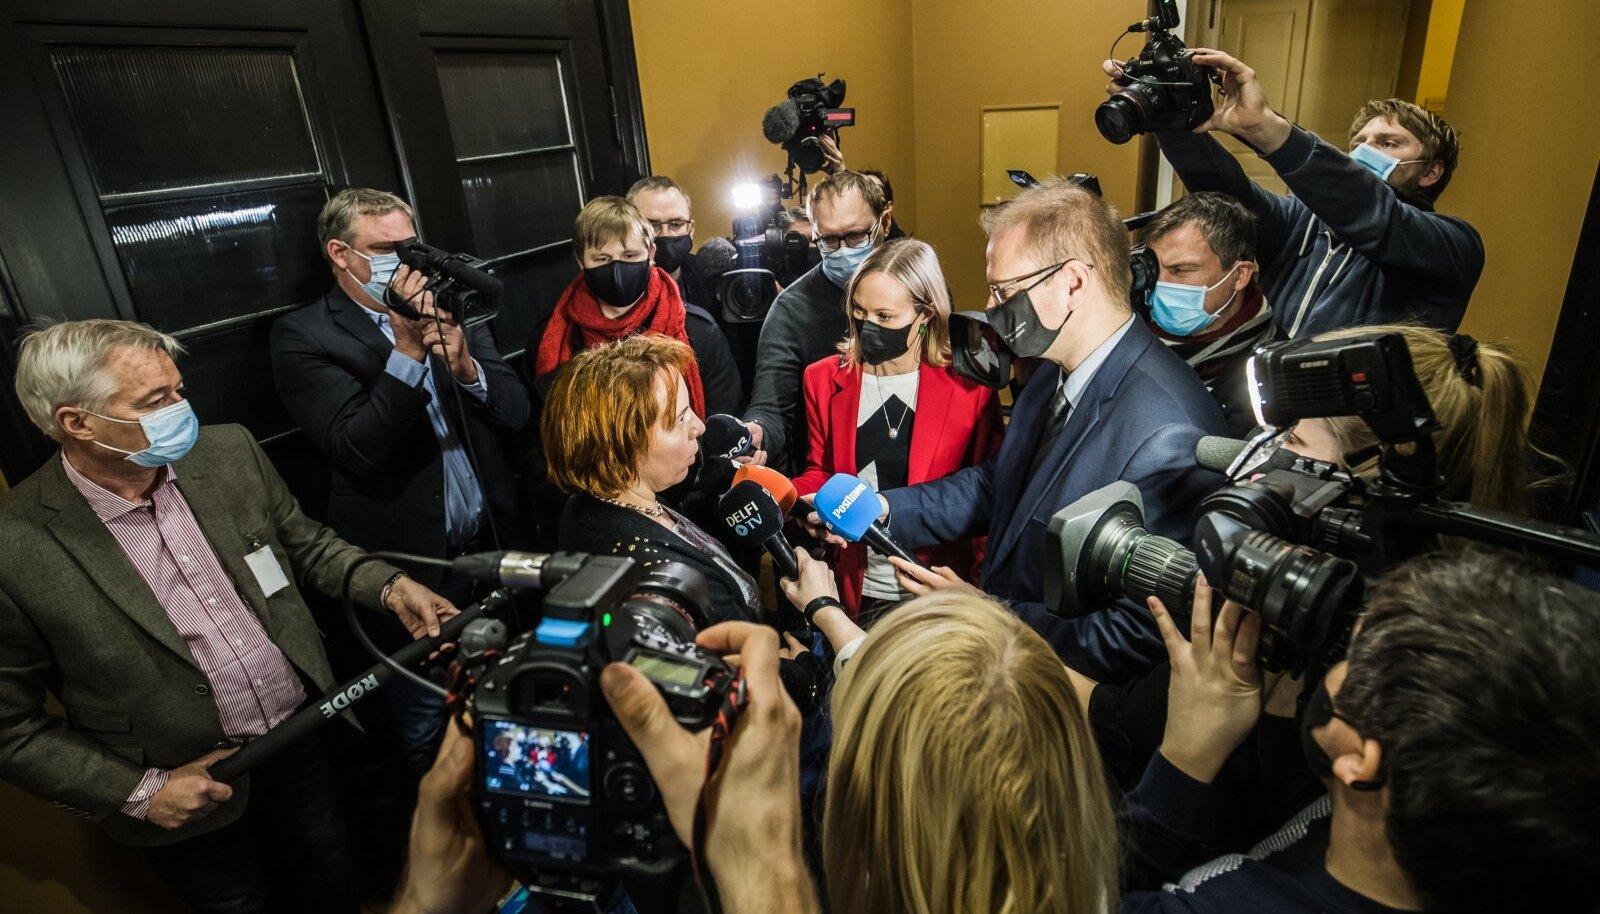 Eile riigikogus tuhisesid ajakirjanikud Martin Helme intervjuult otsejoones Mailis Repsini. EKRE peab nüüd opositsiooni minema.